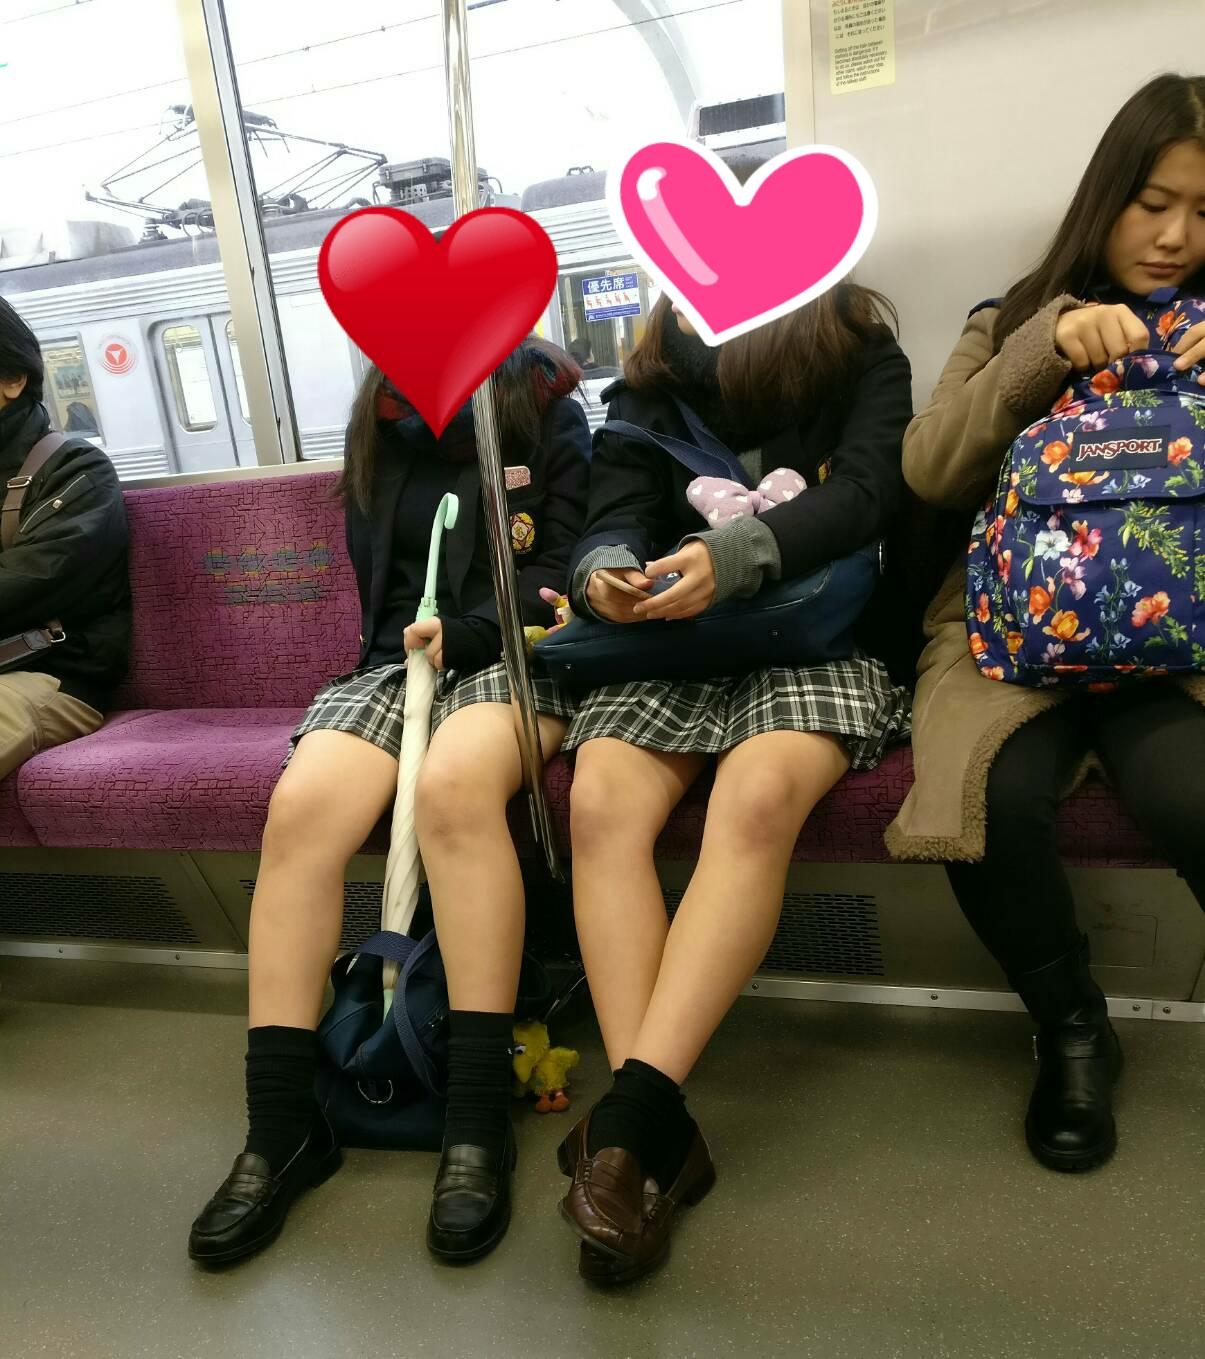 電車で女子高生のムチムチ生脚撮ったったwwwwww Hr55CAg